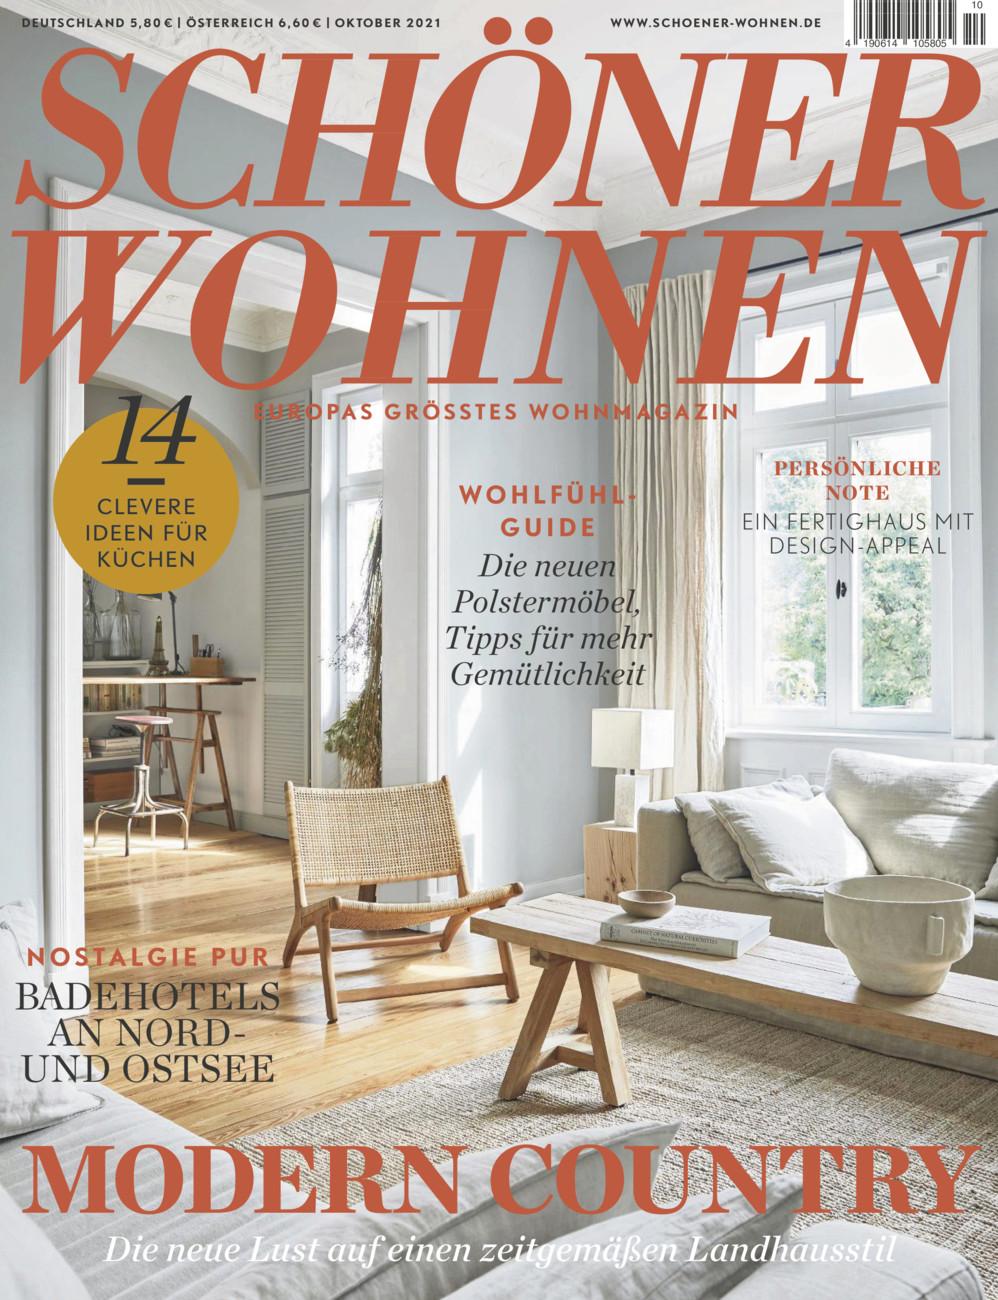 Schöner Wohnen, Europas größtes Wohnmagazin vom Samstag, 25.09.2021